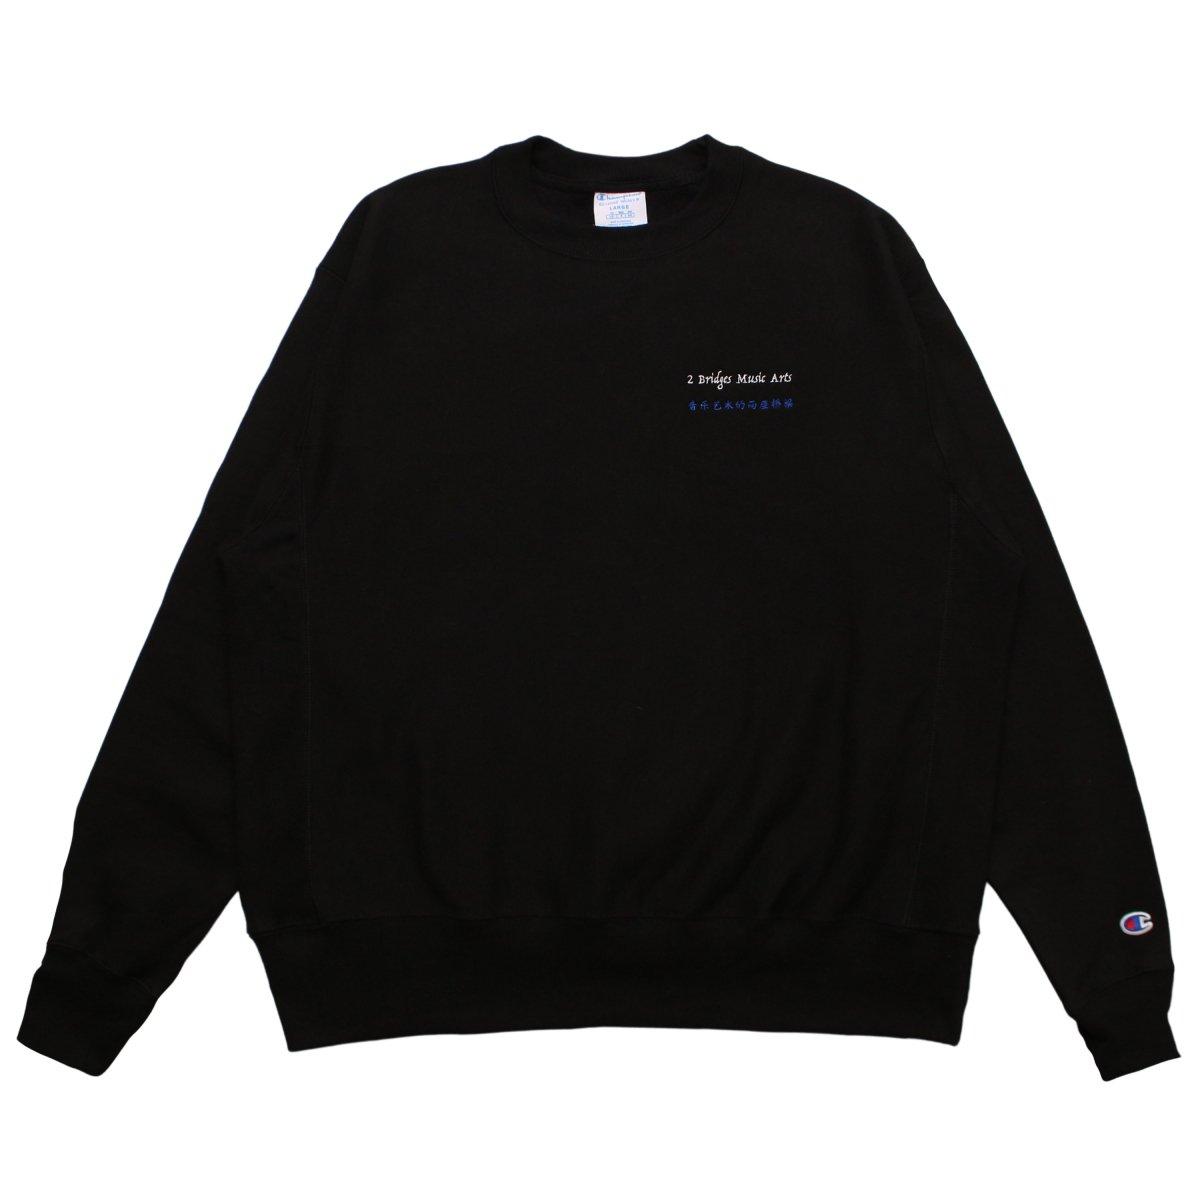 Embroidered Crewneck Sweatshirt